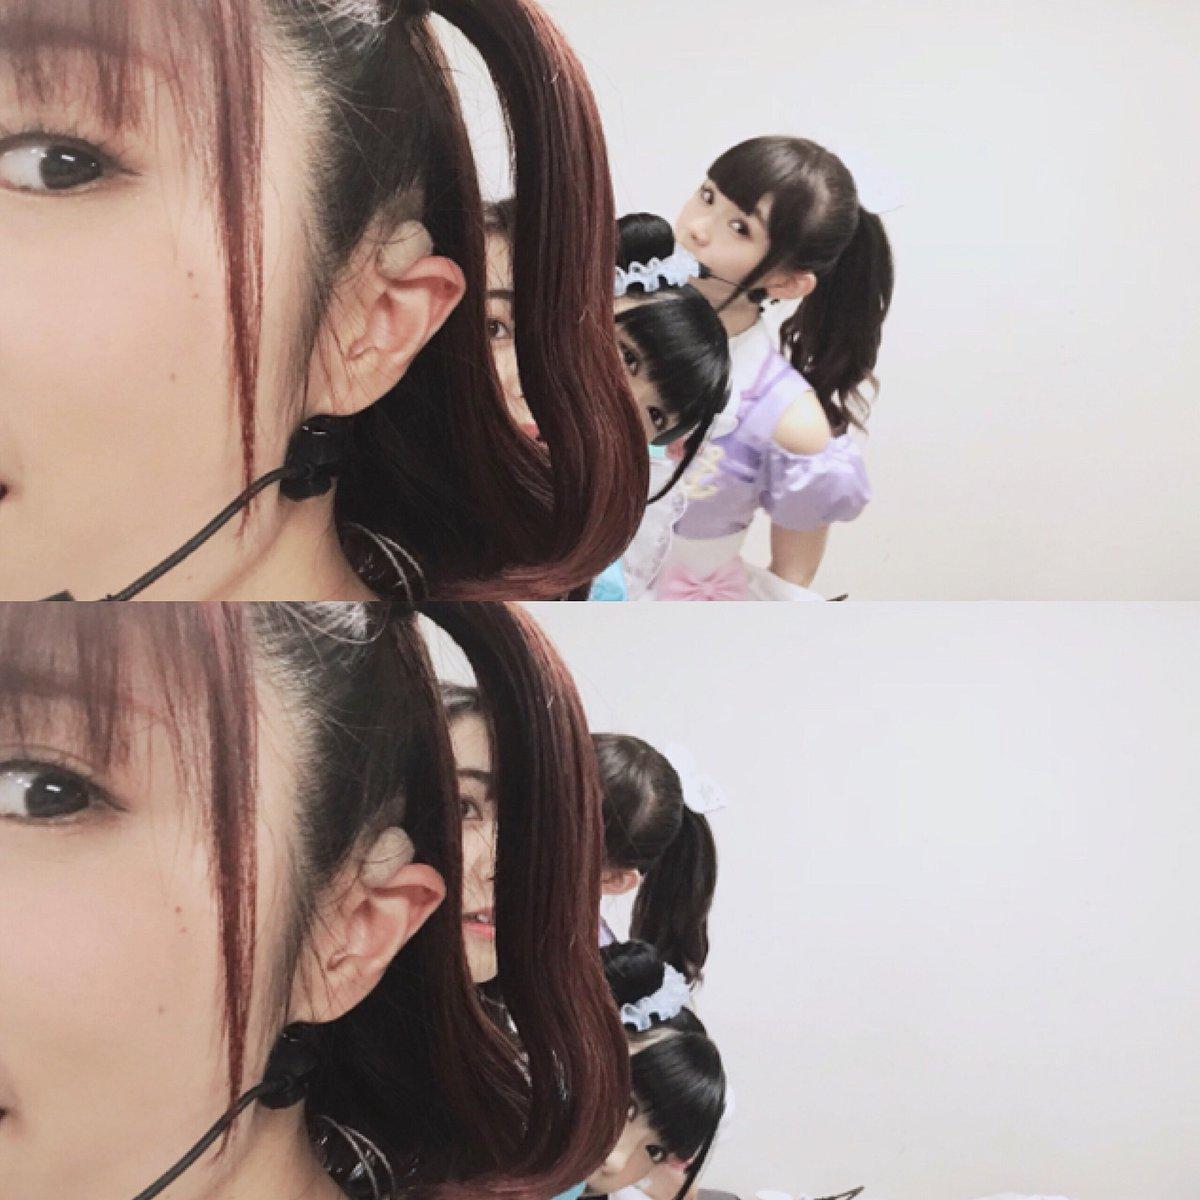 あたしの耳ってドラキュラみたいな耳 ♀️